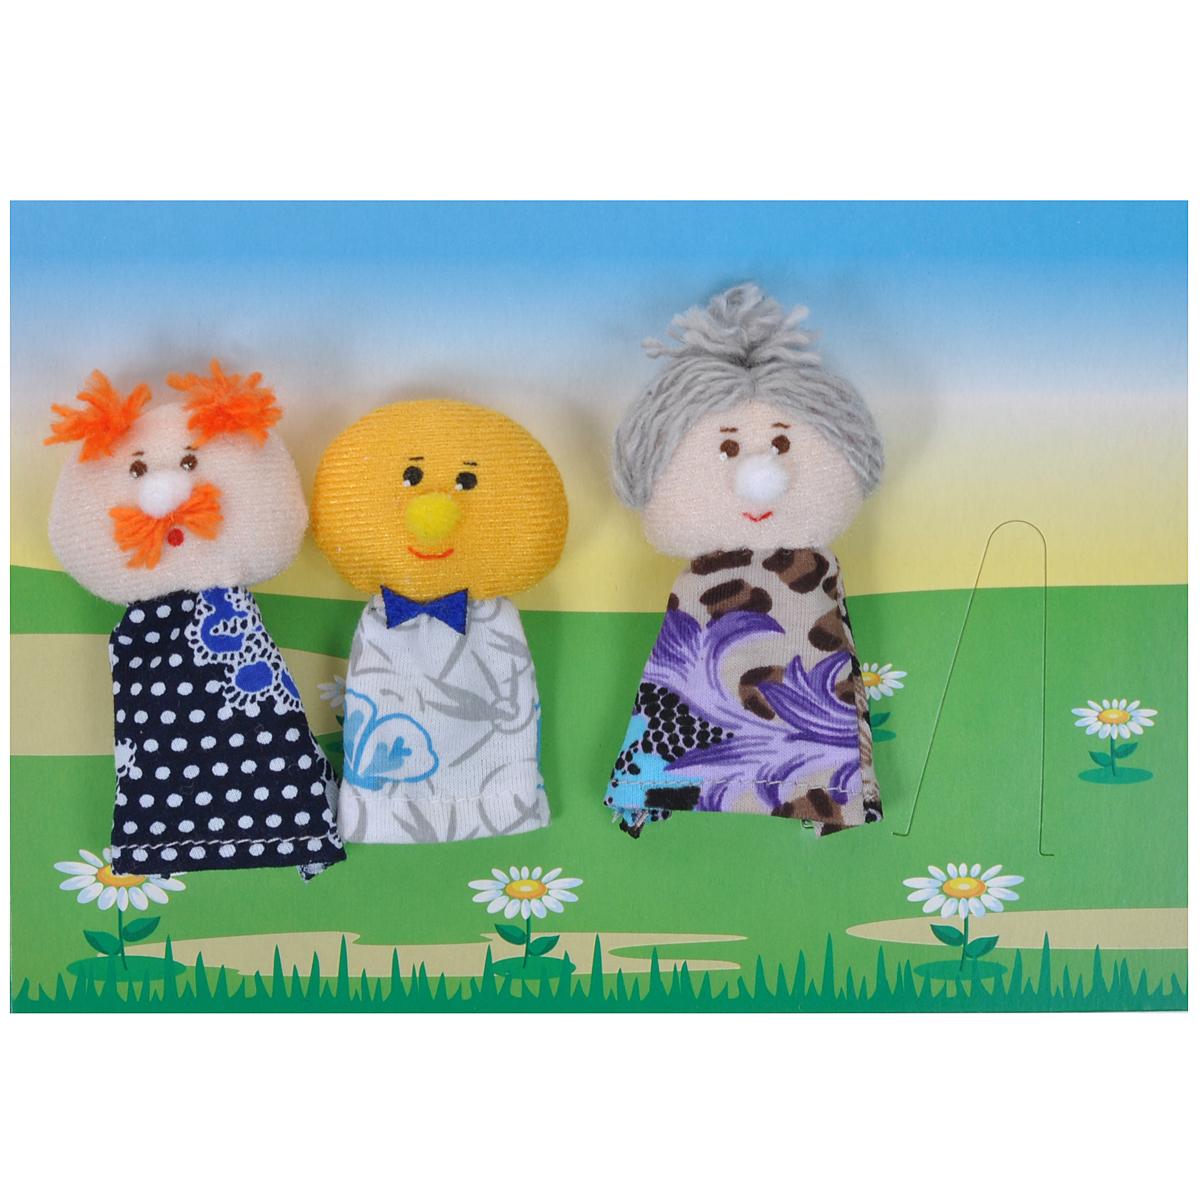 Пальчиковый театр Колобок, 7 предметов017.02Пальчиковый театр Колобок - это набор развивающих мягких игрушек, состоящий из фигурок надеваемых на пальцы руки взрослого или ребенка. В комплекте пальчиковые куклы, 7 штук: дед, бабка, колобок, заяц, волк, медведь, лиса. Рекомендуем работать разными парами пальцев, разными руками и обеими руками одновременно. Фигурки изображают известных сказочных героев. Все персонажи очень яркие, мягкие. Маленькие фигурки пальчикового театра создадут Вам компанию во время прогулки или посещения поликлиники, в дороге. Они не займут много места в маминой сумочке и помогут развлечь малыша. С их помощью можно оживить любимые стихи, сказки, потешки. Незамысловатая игрушка развивает интонацию, исполнительские умения, творческие способности в передаче образа, мелкую моторику. Театрализованные игры создают эмоциональный подъем, повышают жизненный тонус ребенка. Характеристики: Материал: текстиль. Высота одной фигурки: 8 см Размер упаковки: 25,5 см x 24 см x...